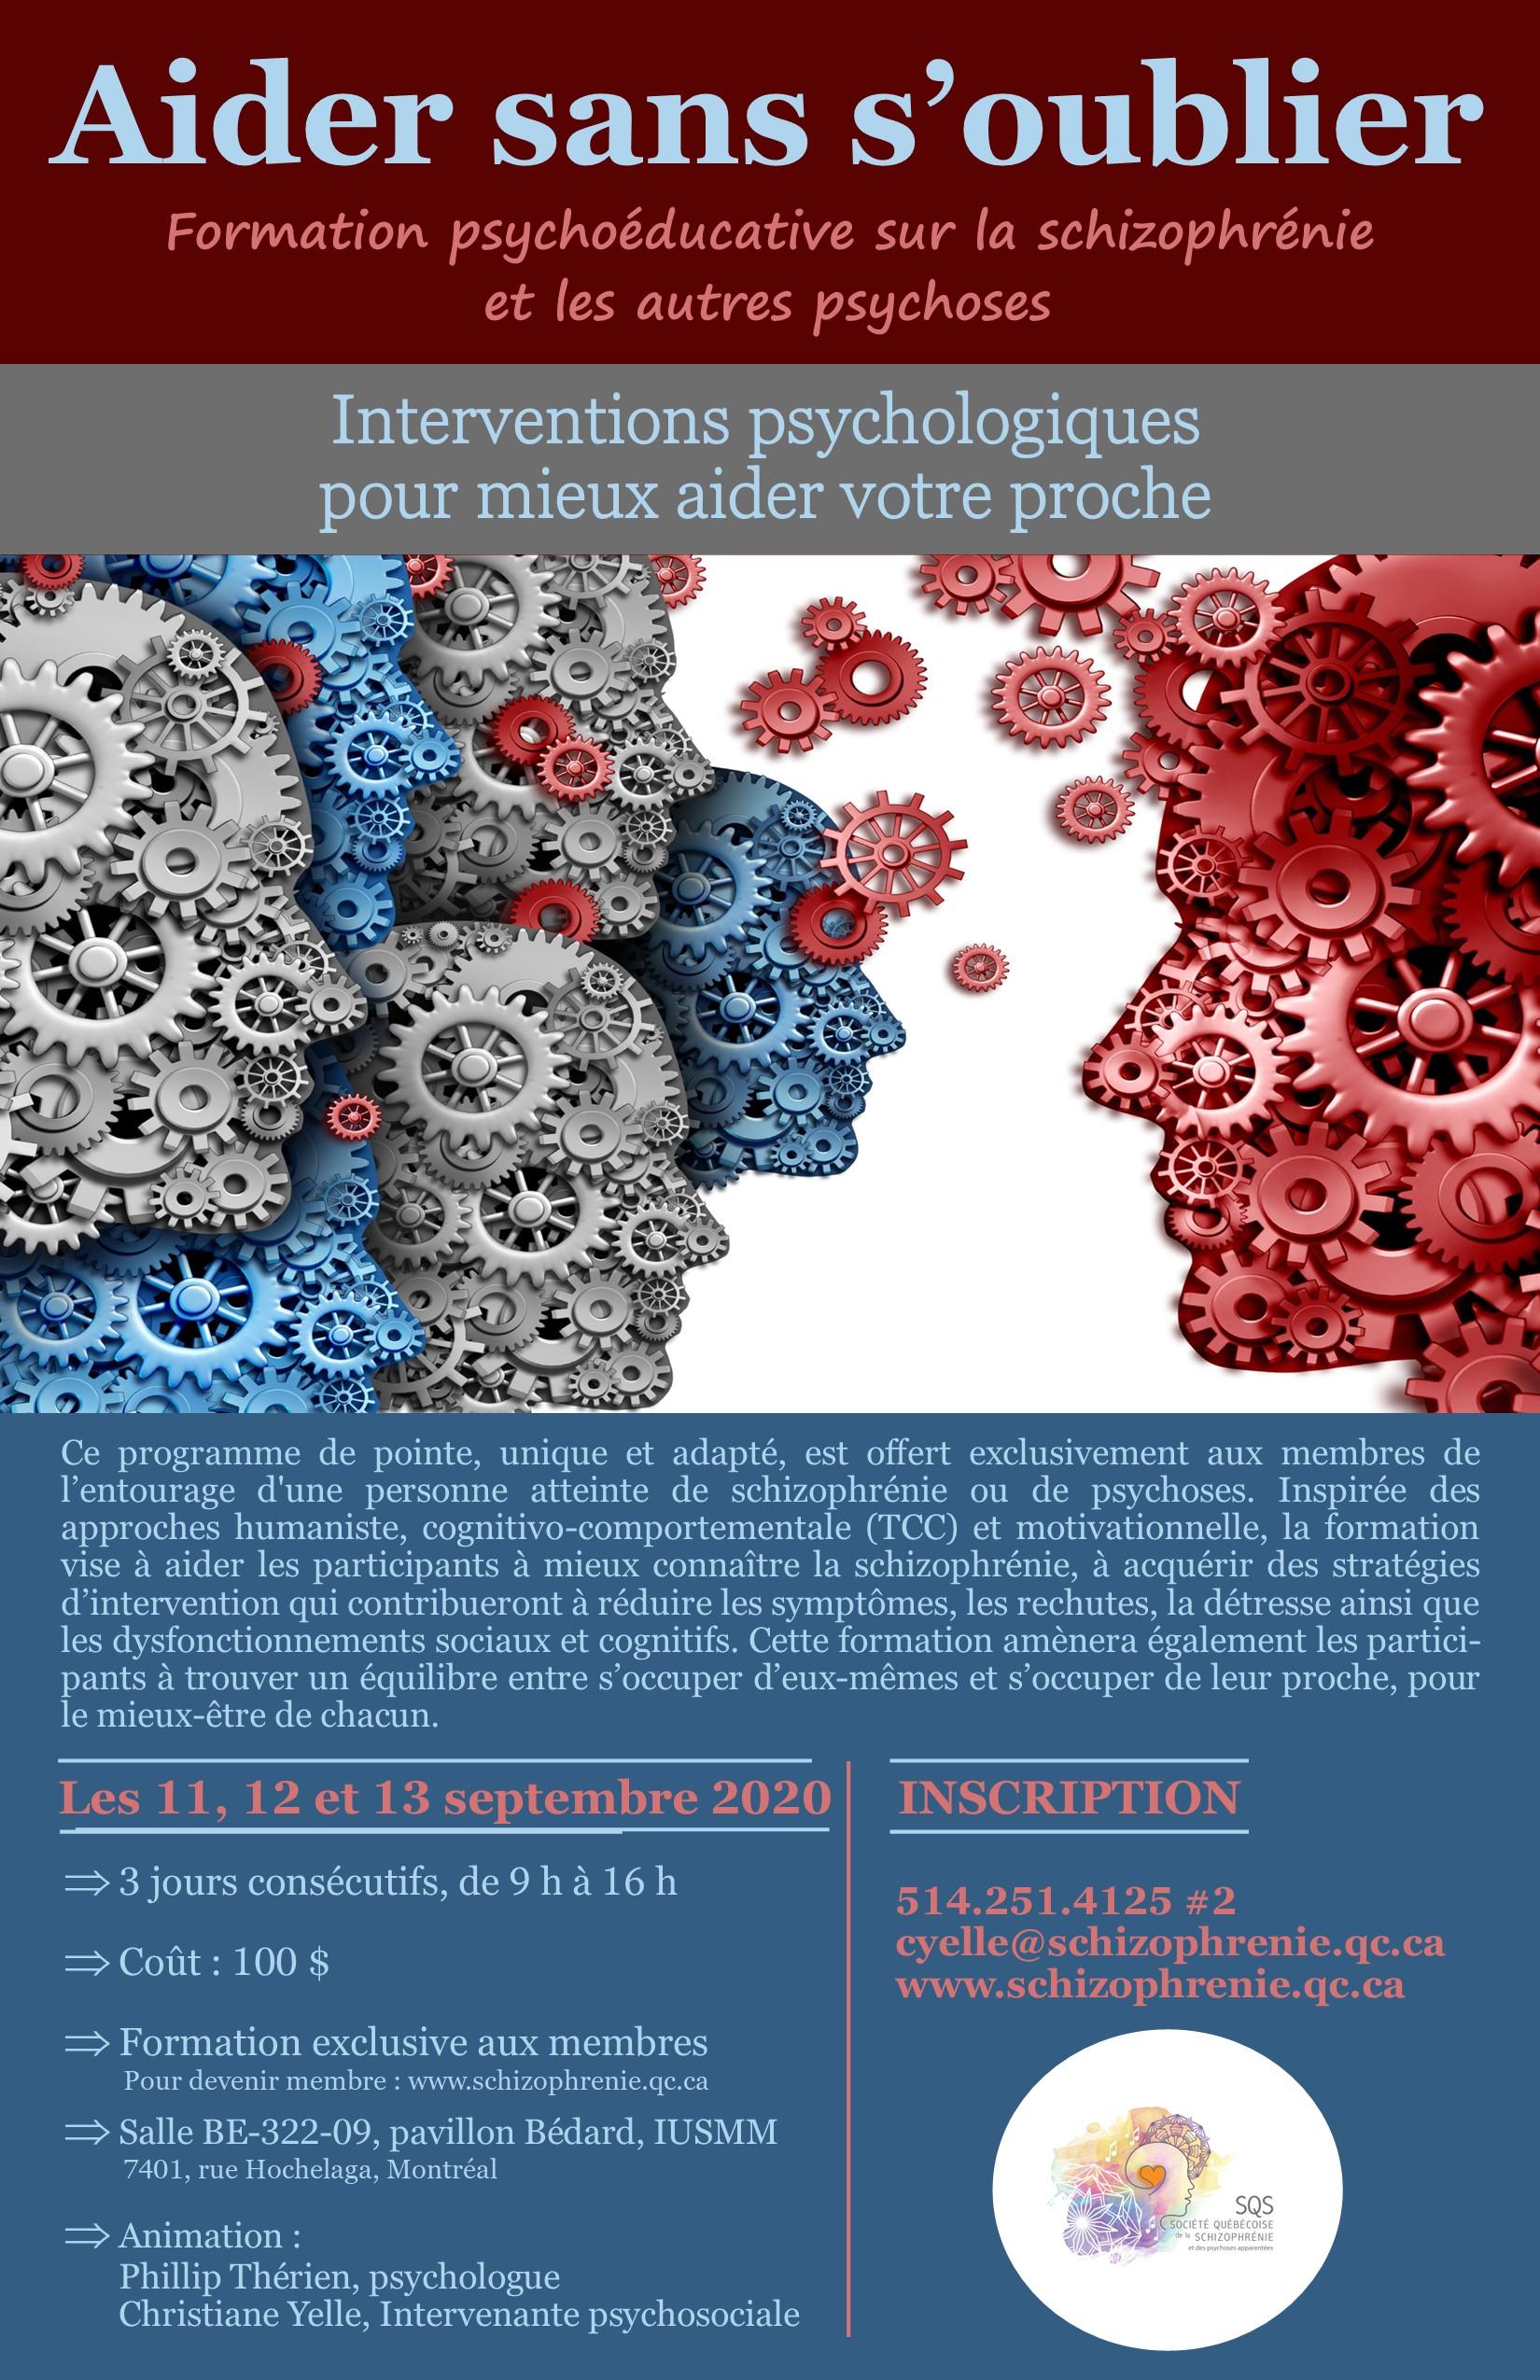 [COMPLET] Formation Aider sans s'oublier – Psychoéducation sur la schizophrénie et les autres psychoses